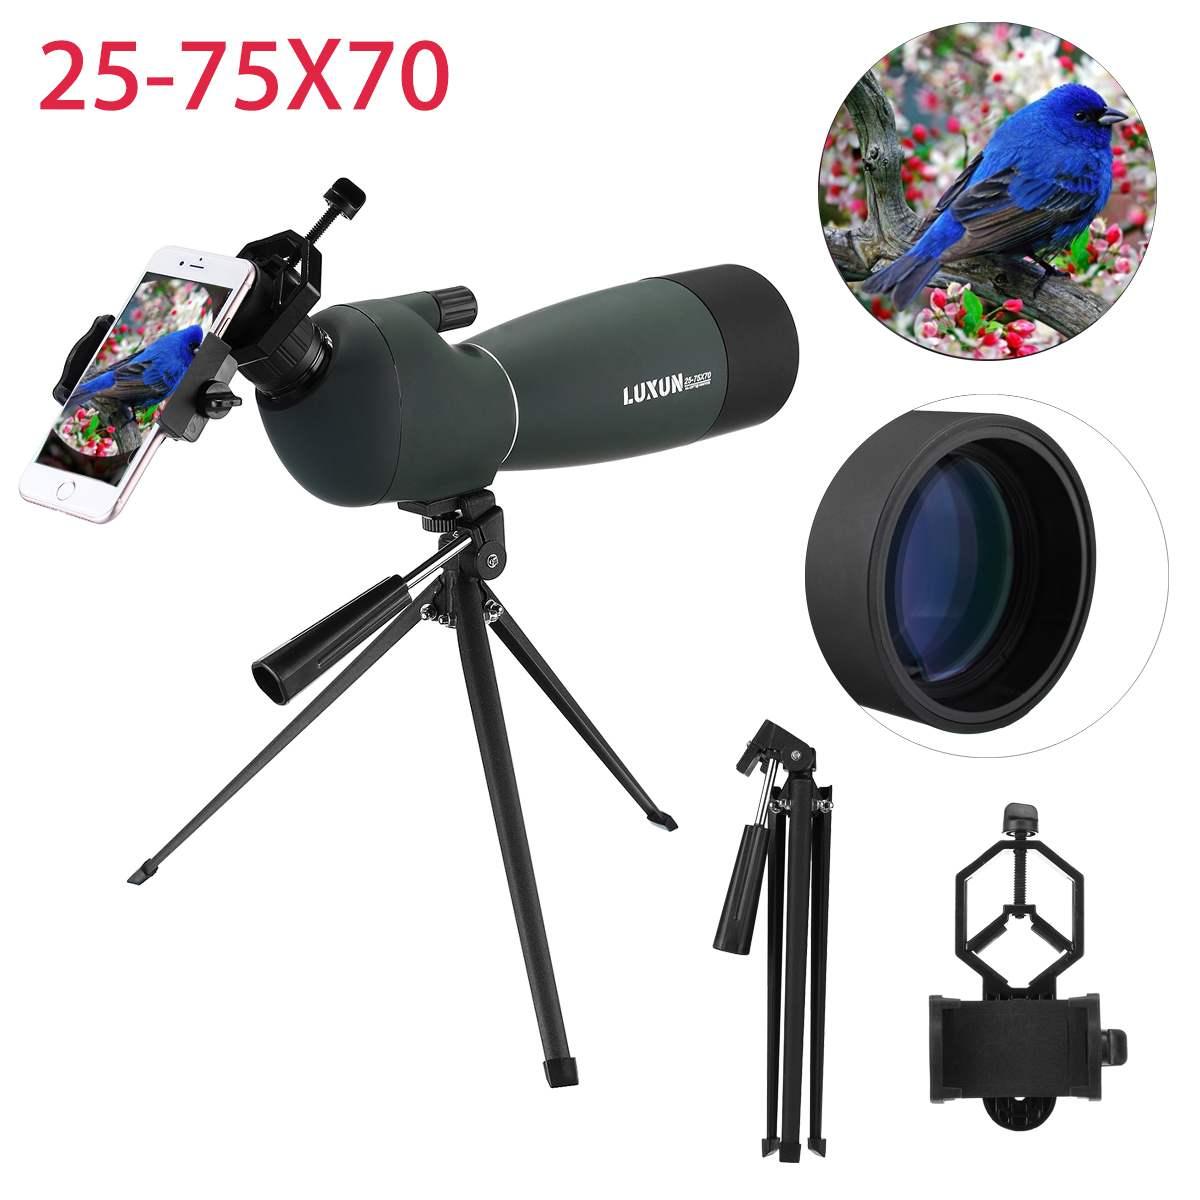 Télescope oculaire monoculaire optique antichoc étanche 25-75X70 HD pour l'observation des oiseaux